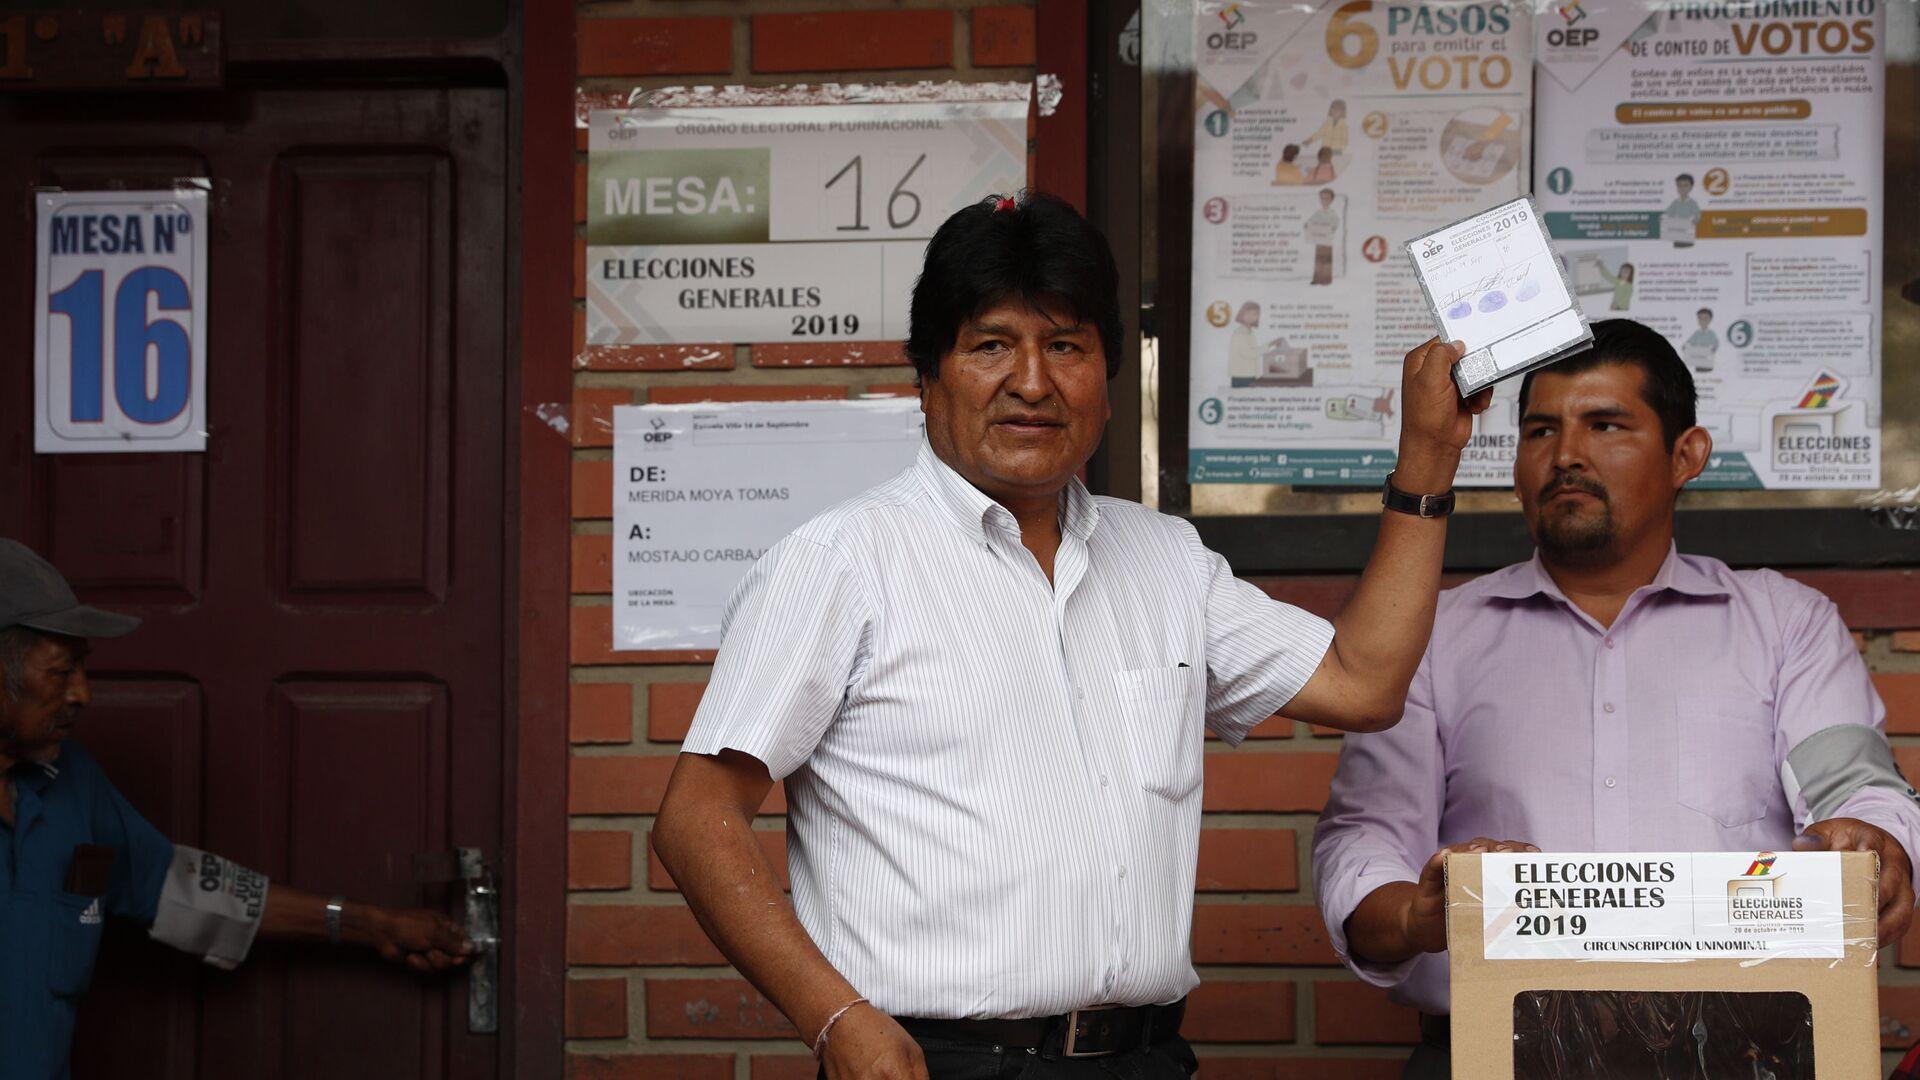 Evo Morales votando durante las elecciones de octubre de 2019 en Bolivia - Sputnik Mundo, 1920, 11.10.2021